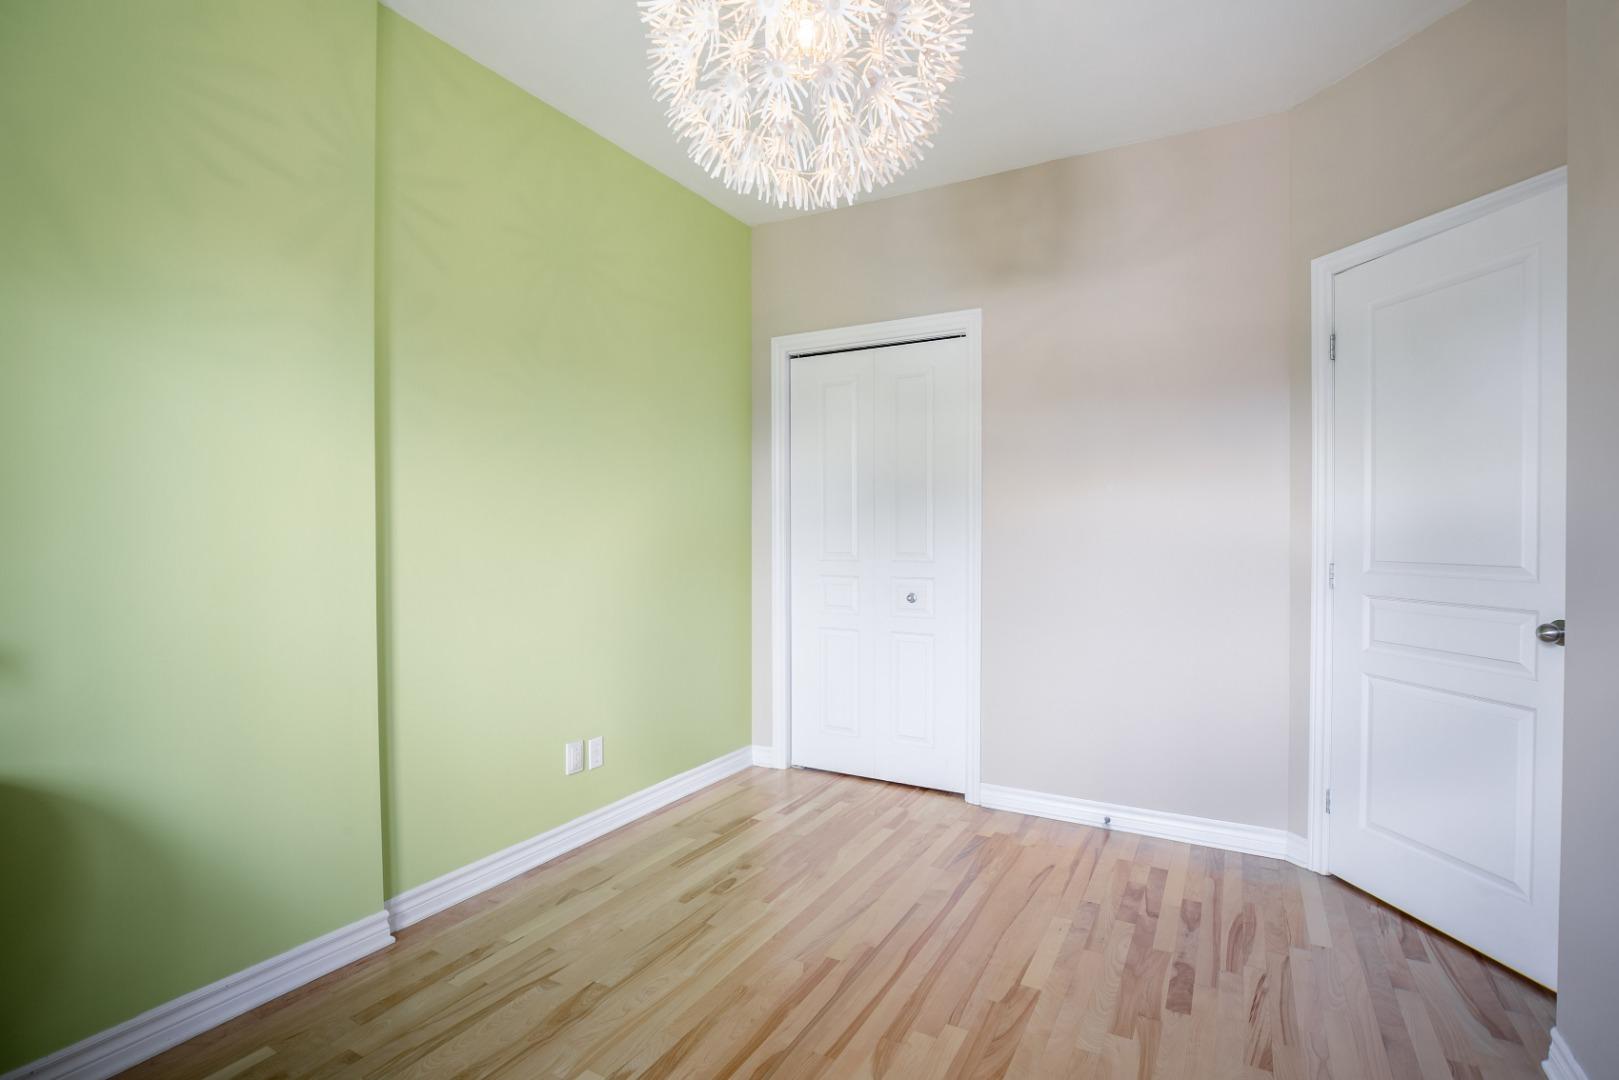 condo a vendre rosemont_montreal- 3860 rue masson_#3_AL-15.jpg